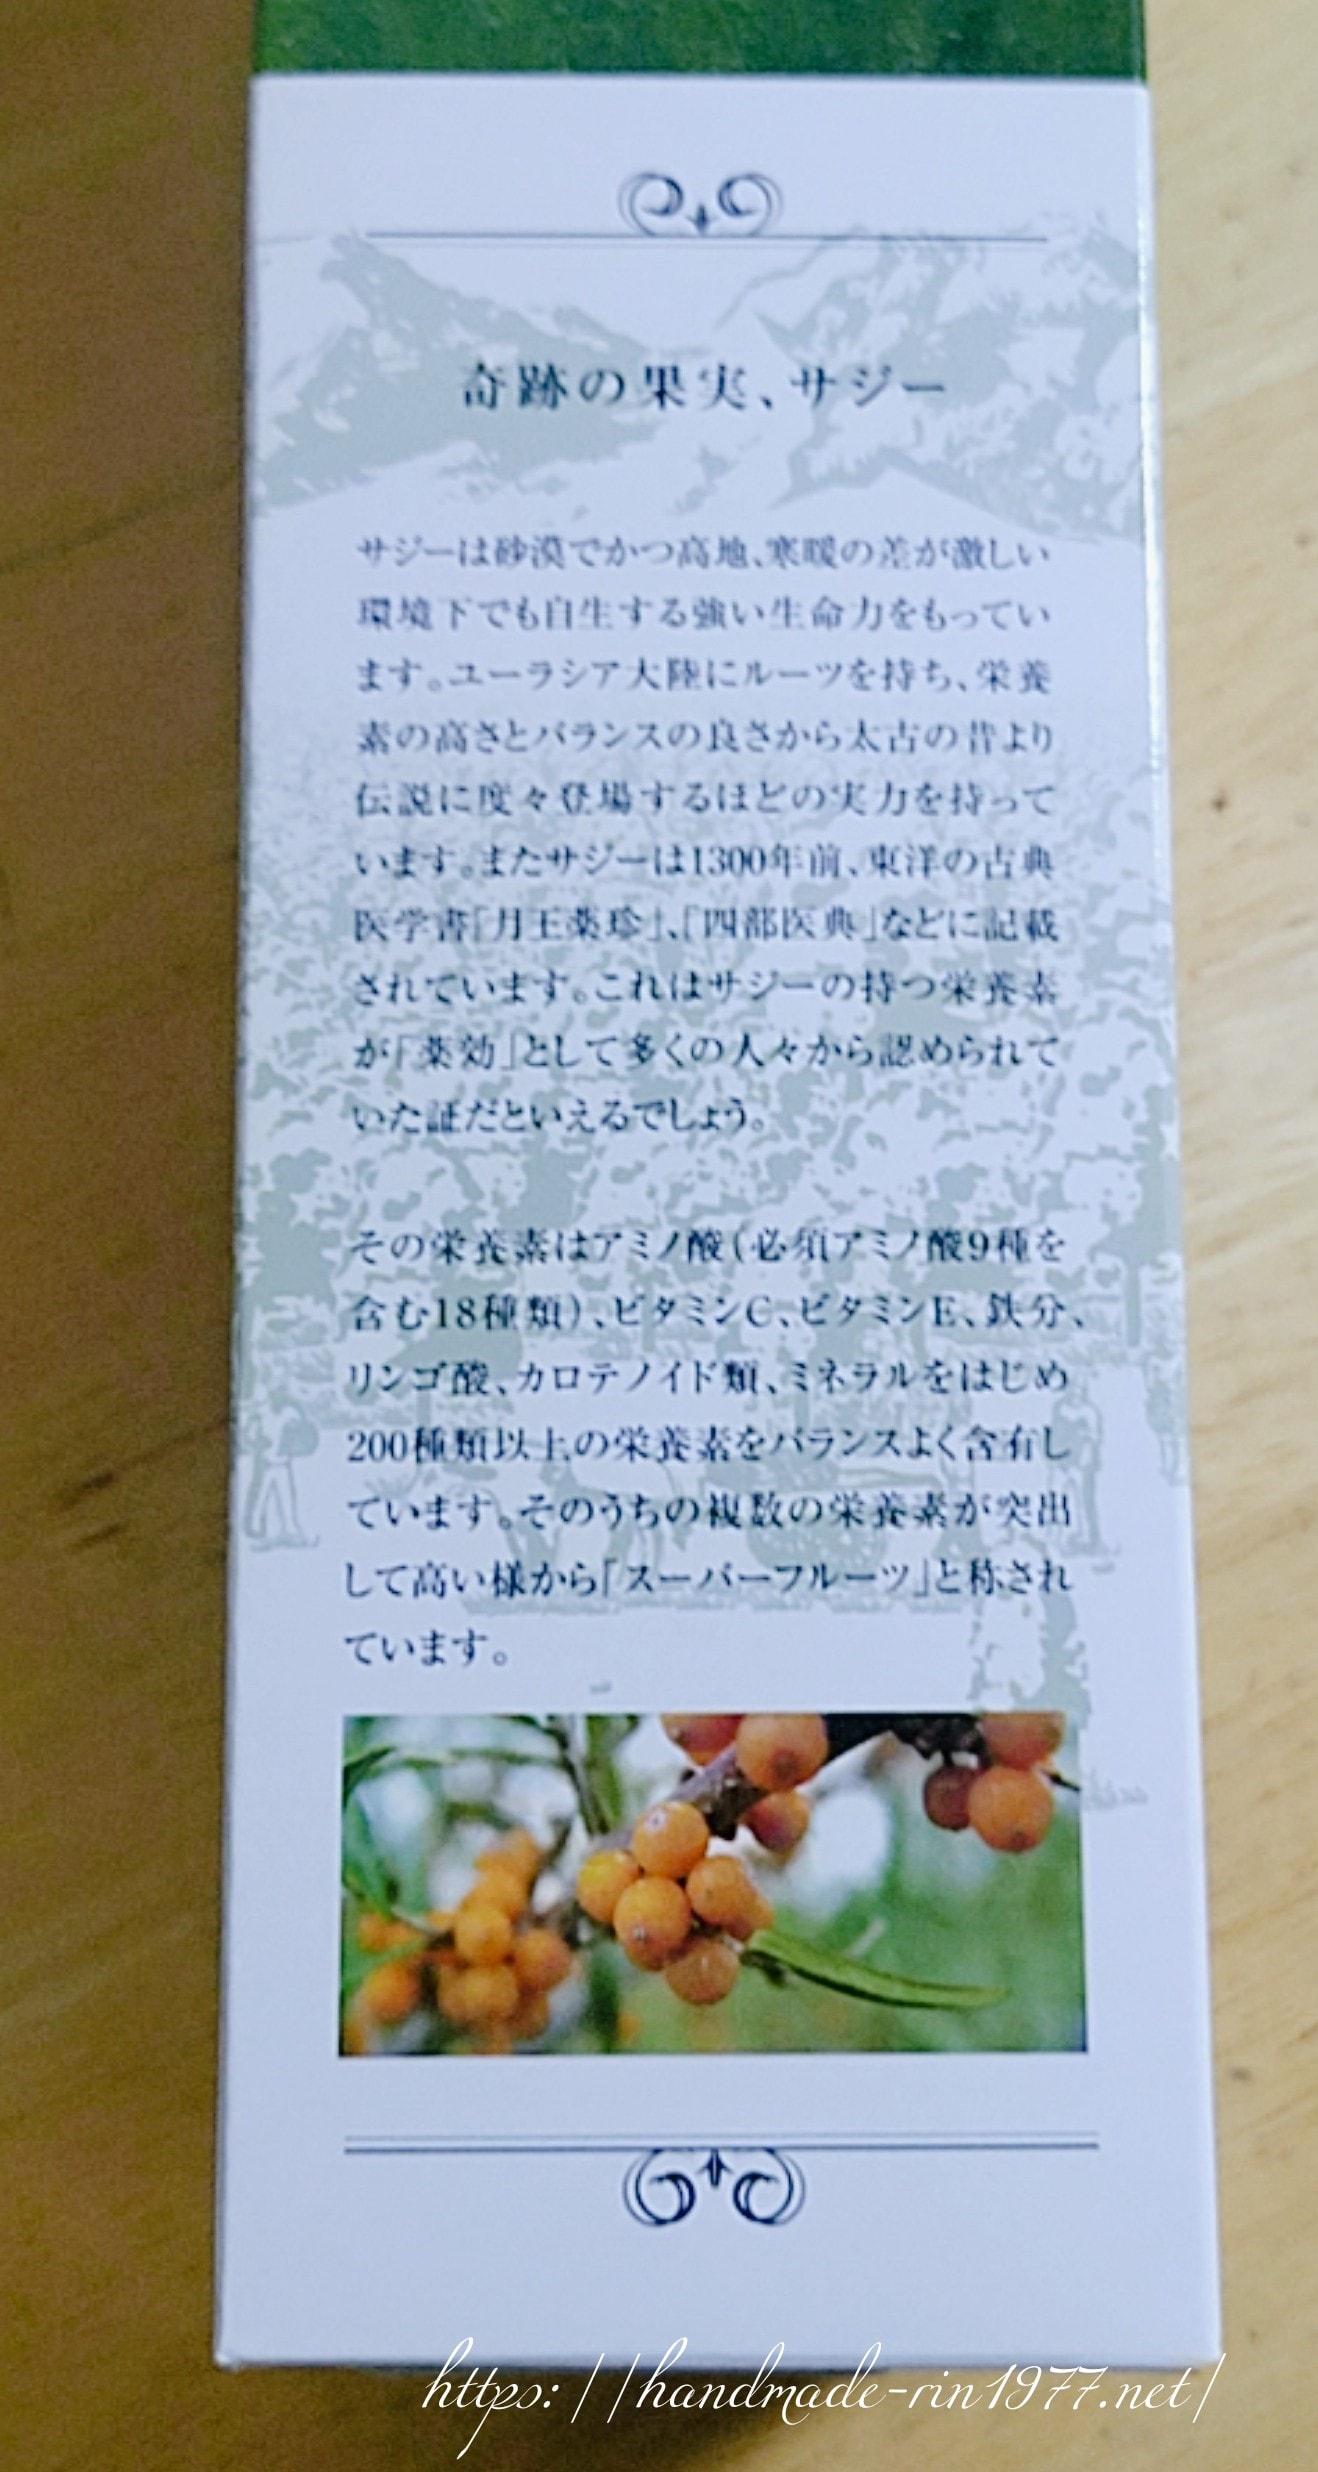 サジーの説明を書いたキュリラサジージュースの箱の写真